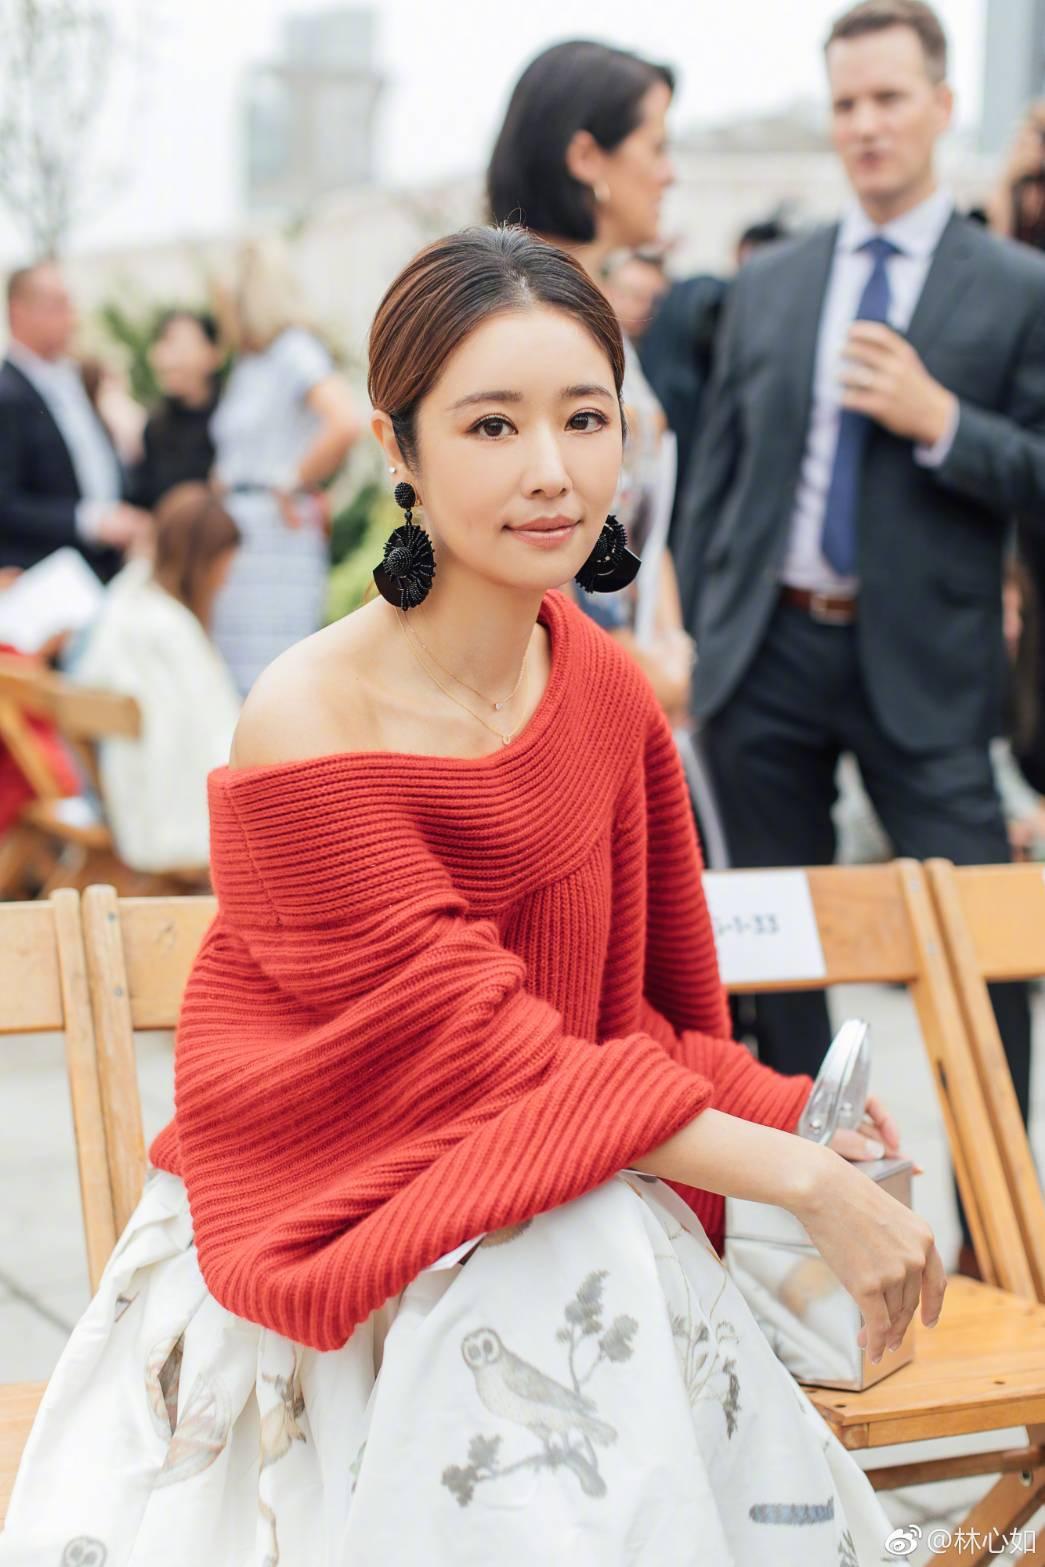 林心如受品牌之邀赴紐約出席時裝周。圖/摘自微博